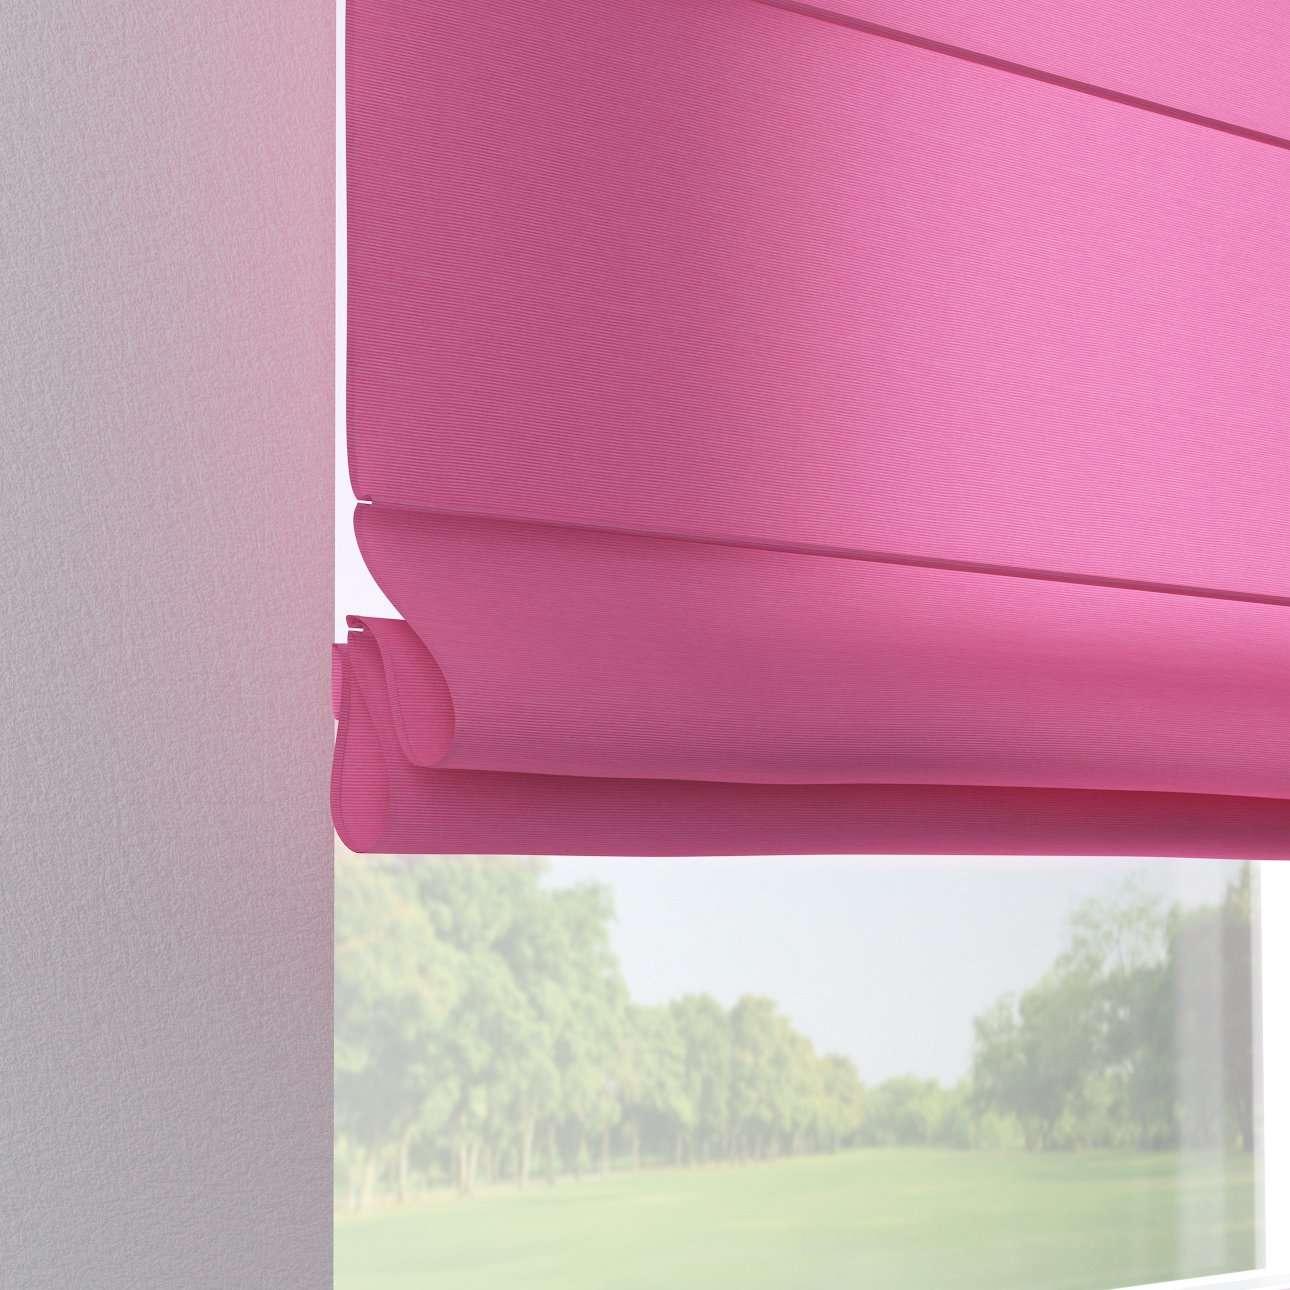 Foldegardin Verona<br/>Med stropper til gardinstang 80 x 170 cm fra kollektionen Jupiter, Stof: 127-24